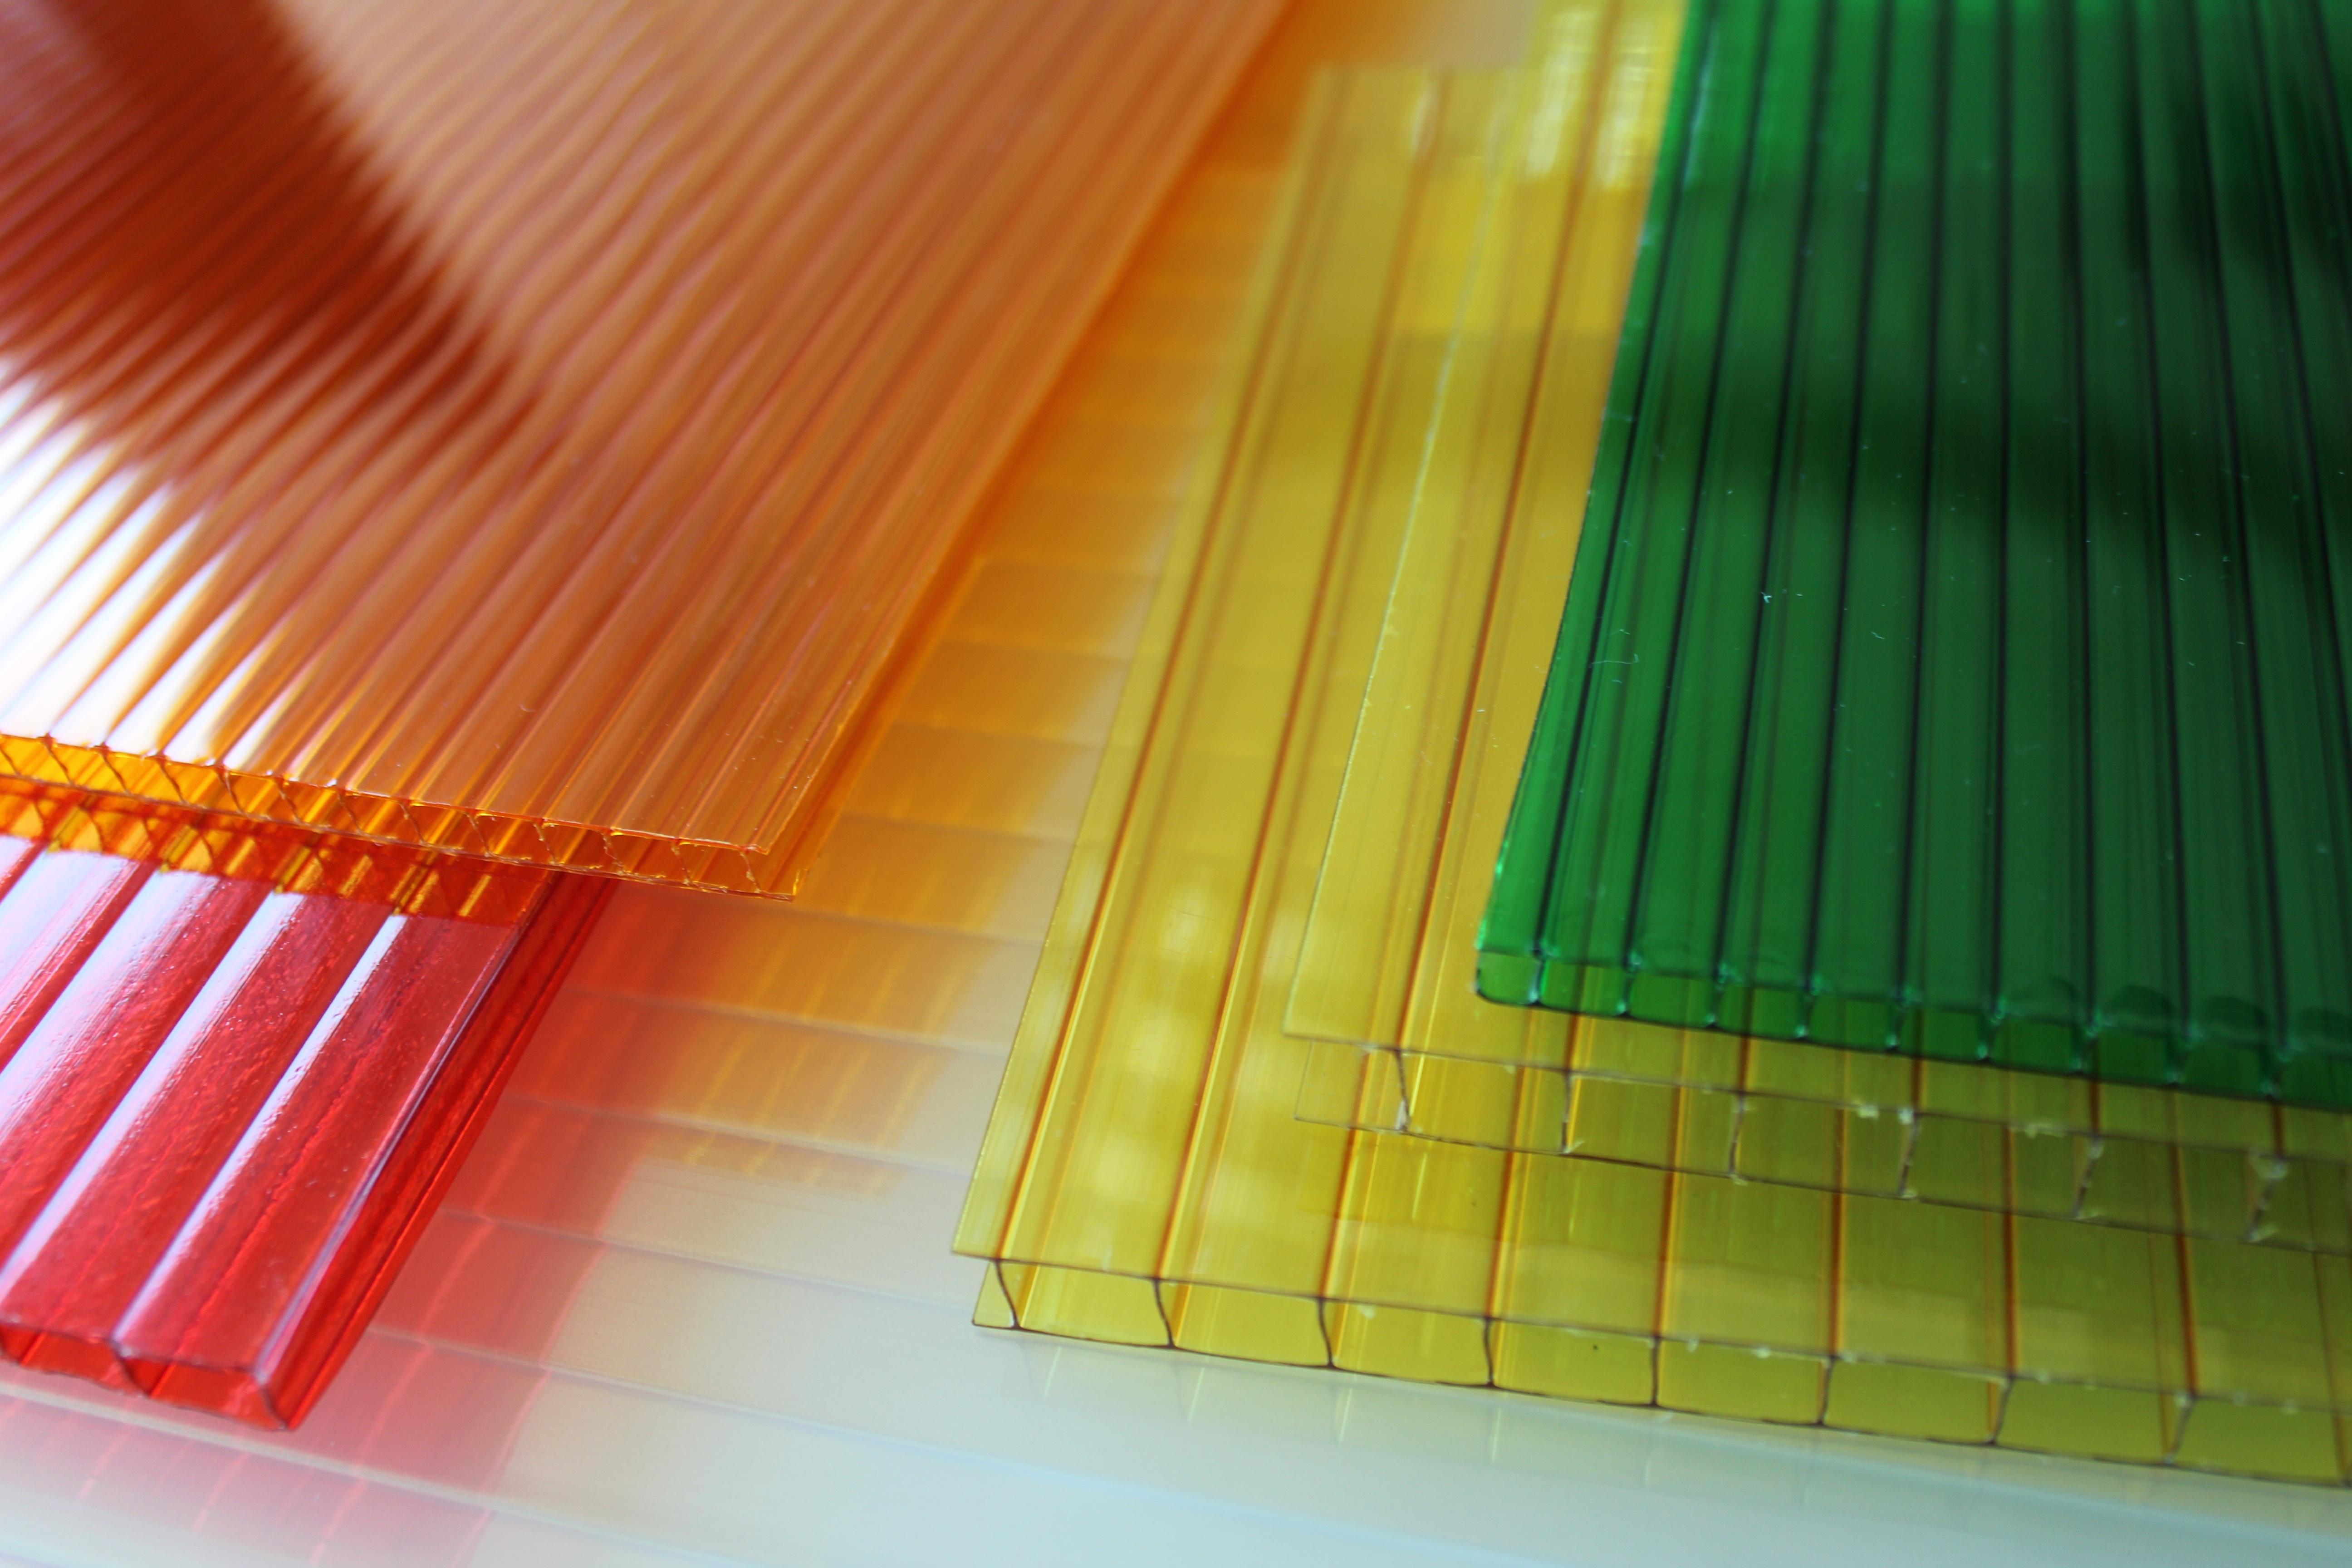 Fotos Gratis El Plastico Construcci 243 N L 237 Nea Verde